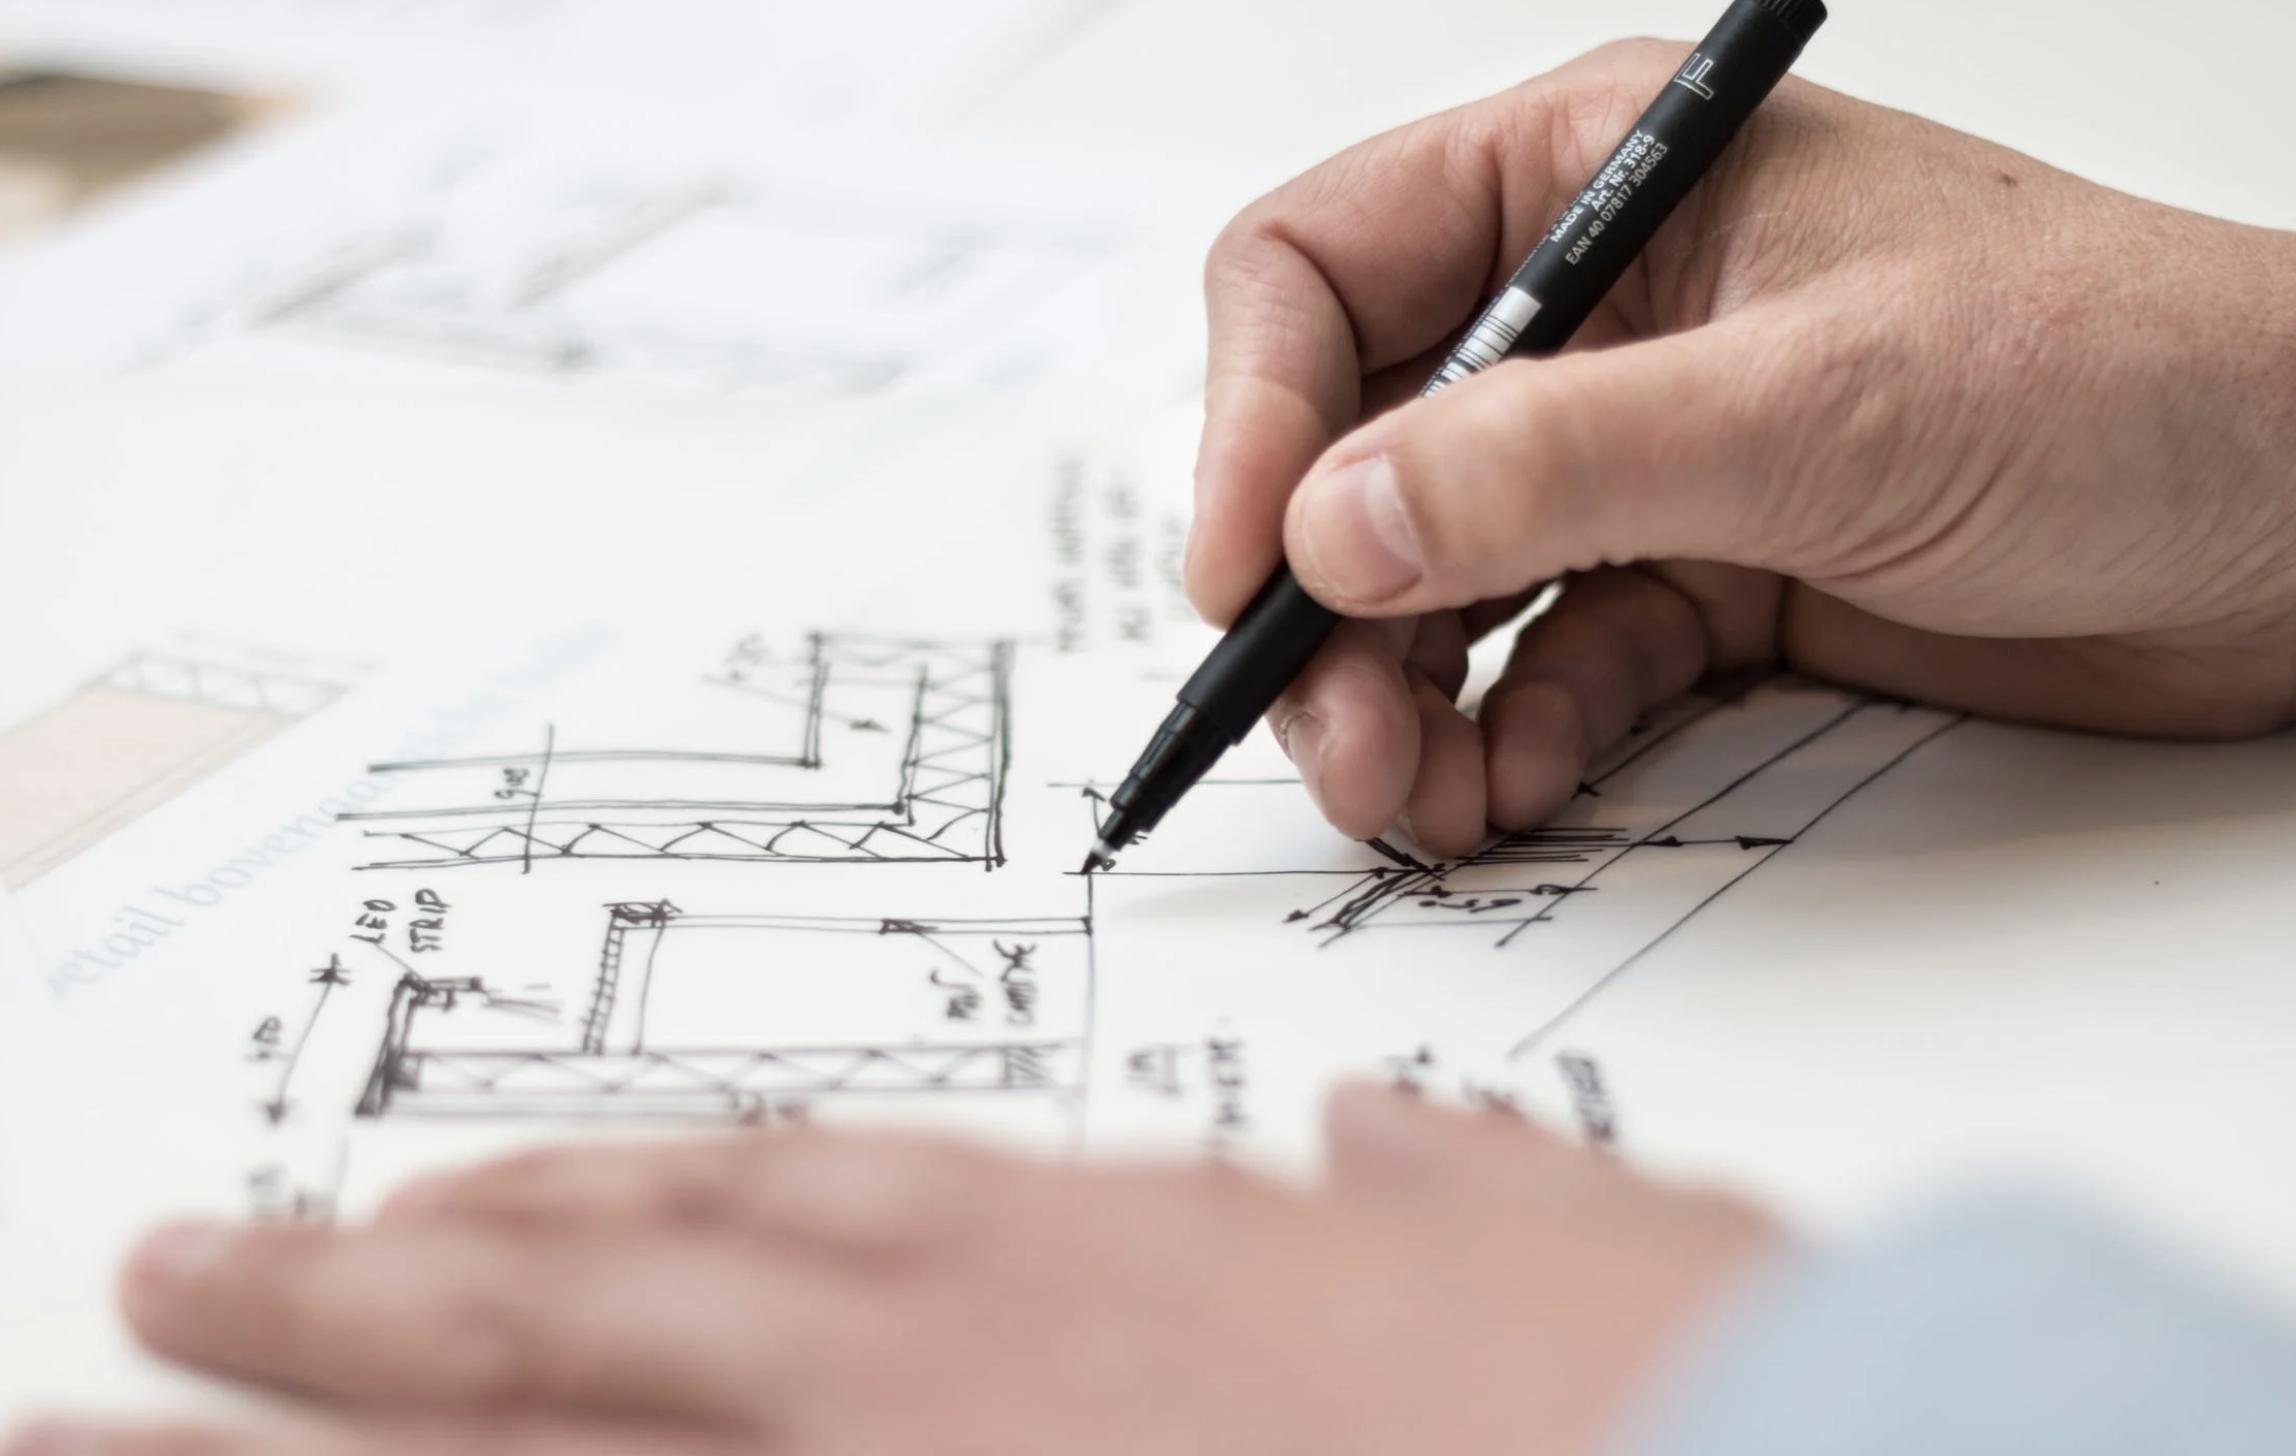 Visuelles Erscheinungsbild Planung, Gestaltung und Realisierung der visuellen Identität für die tragweite AG - Vogt Bauingenieure.